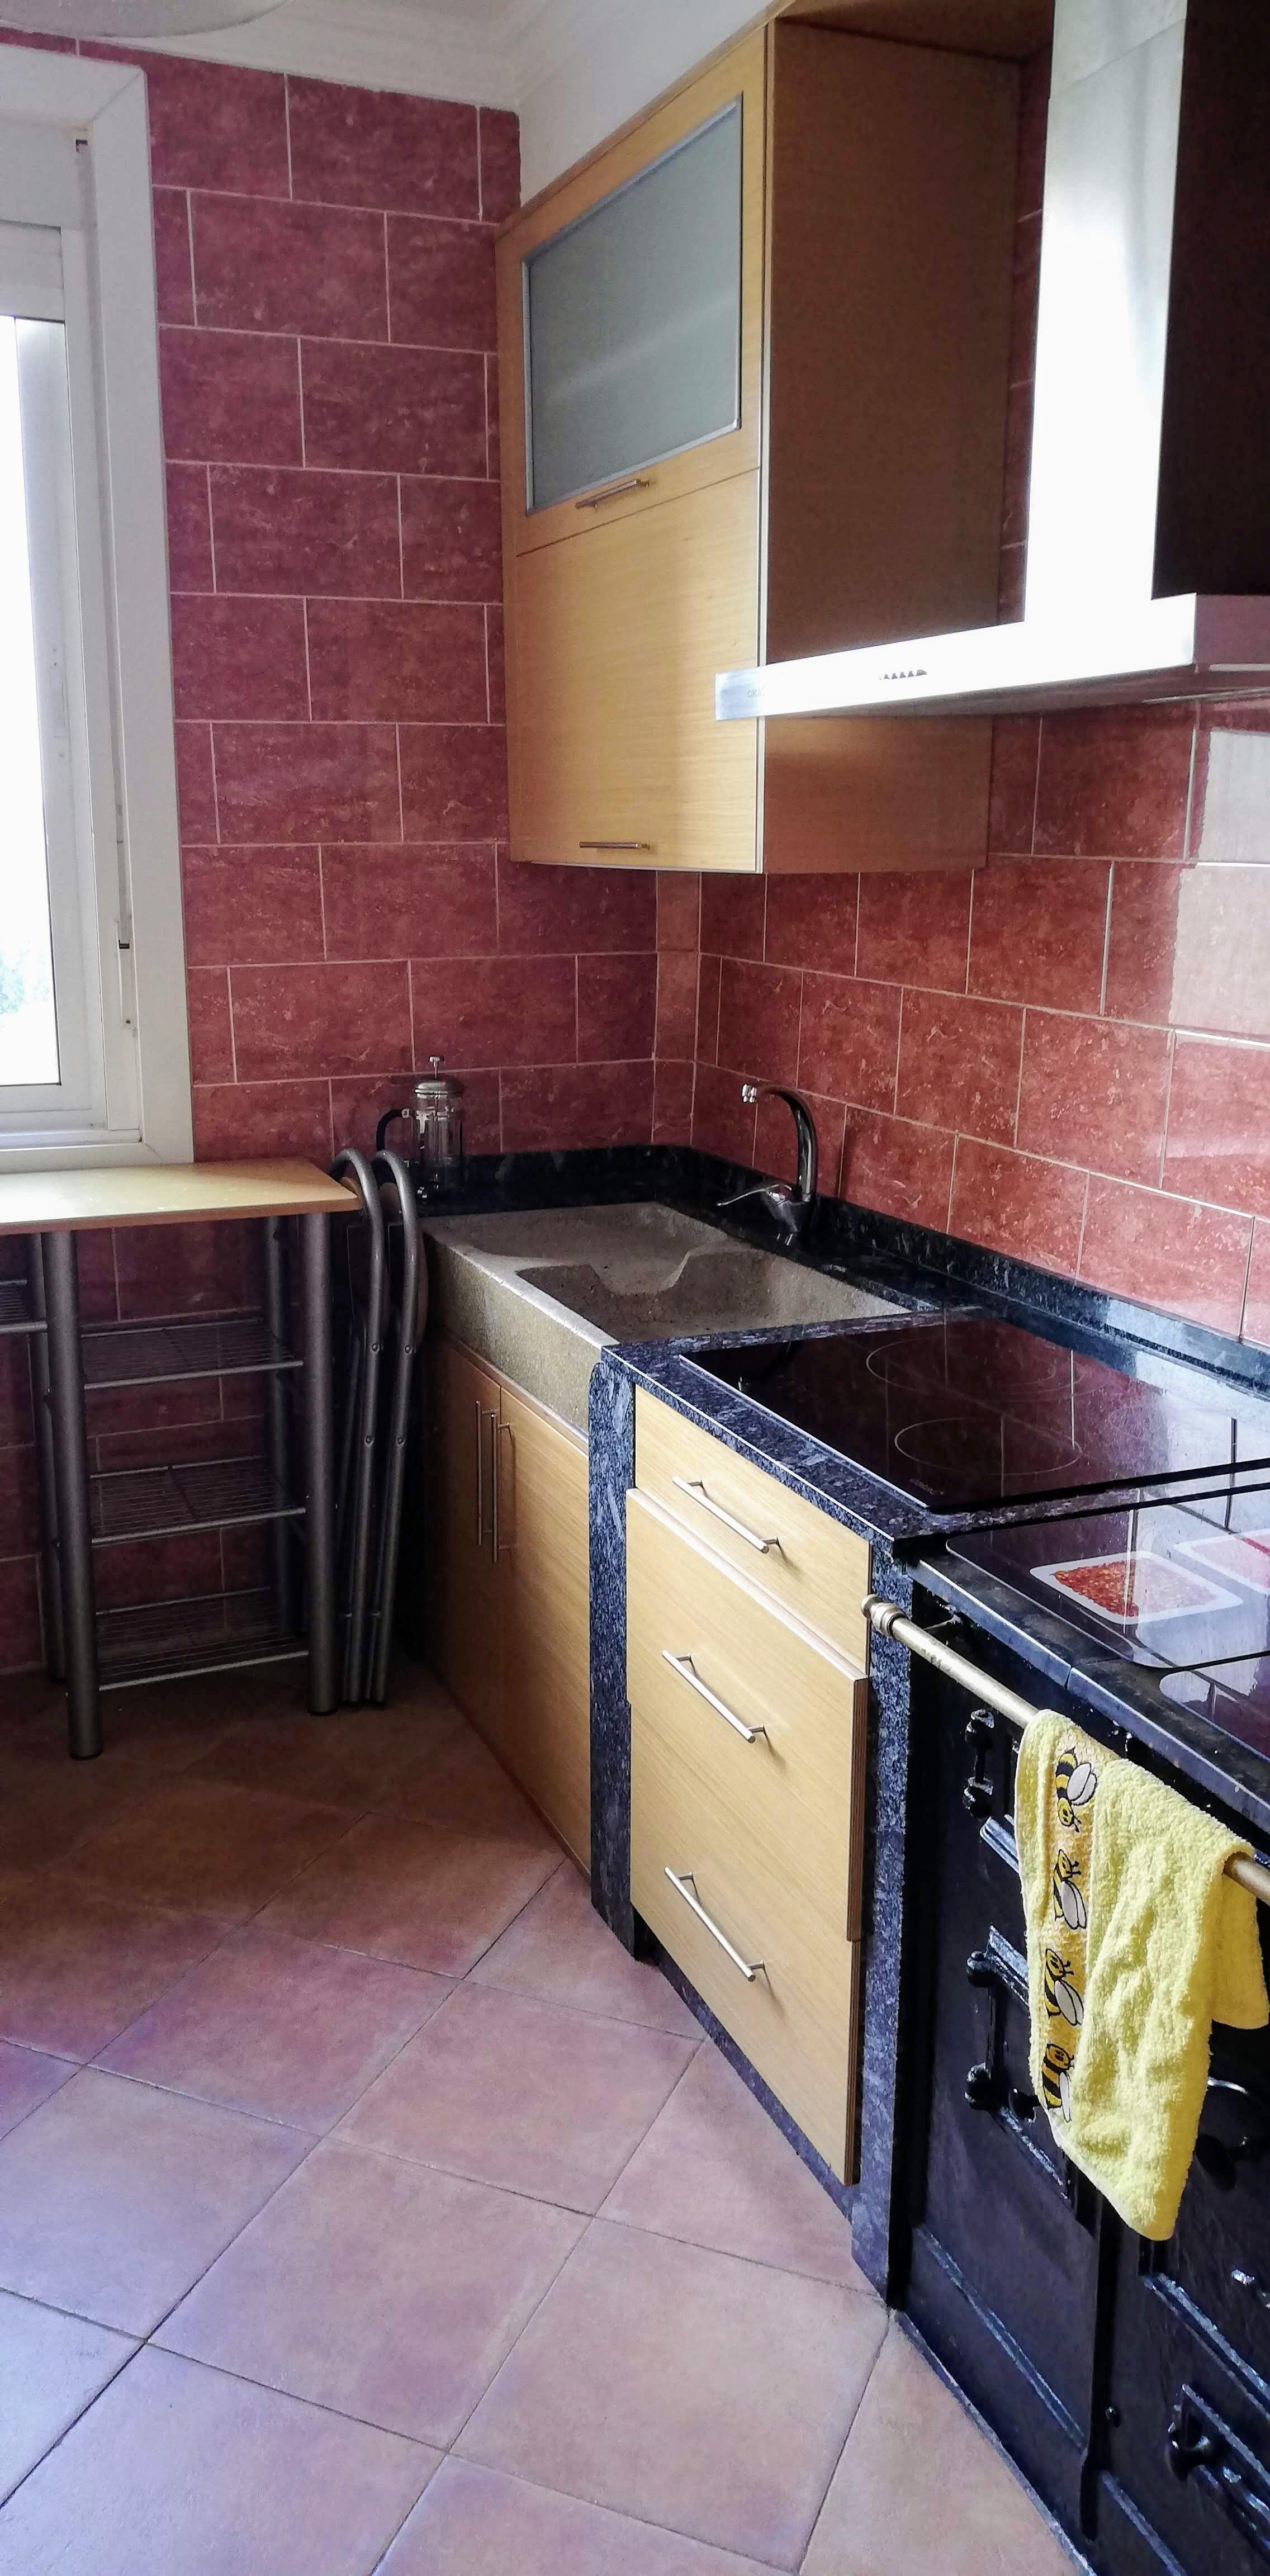 Alquiler de apartamentos turísticos en Coruña